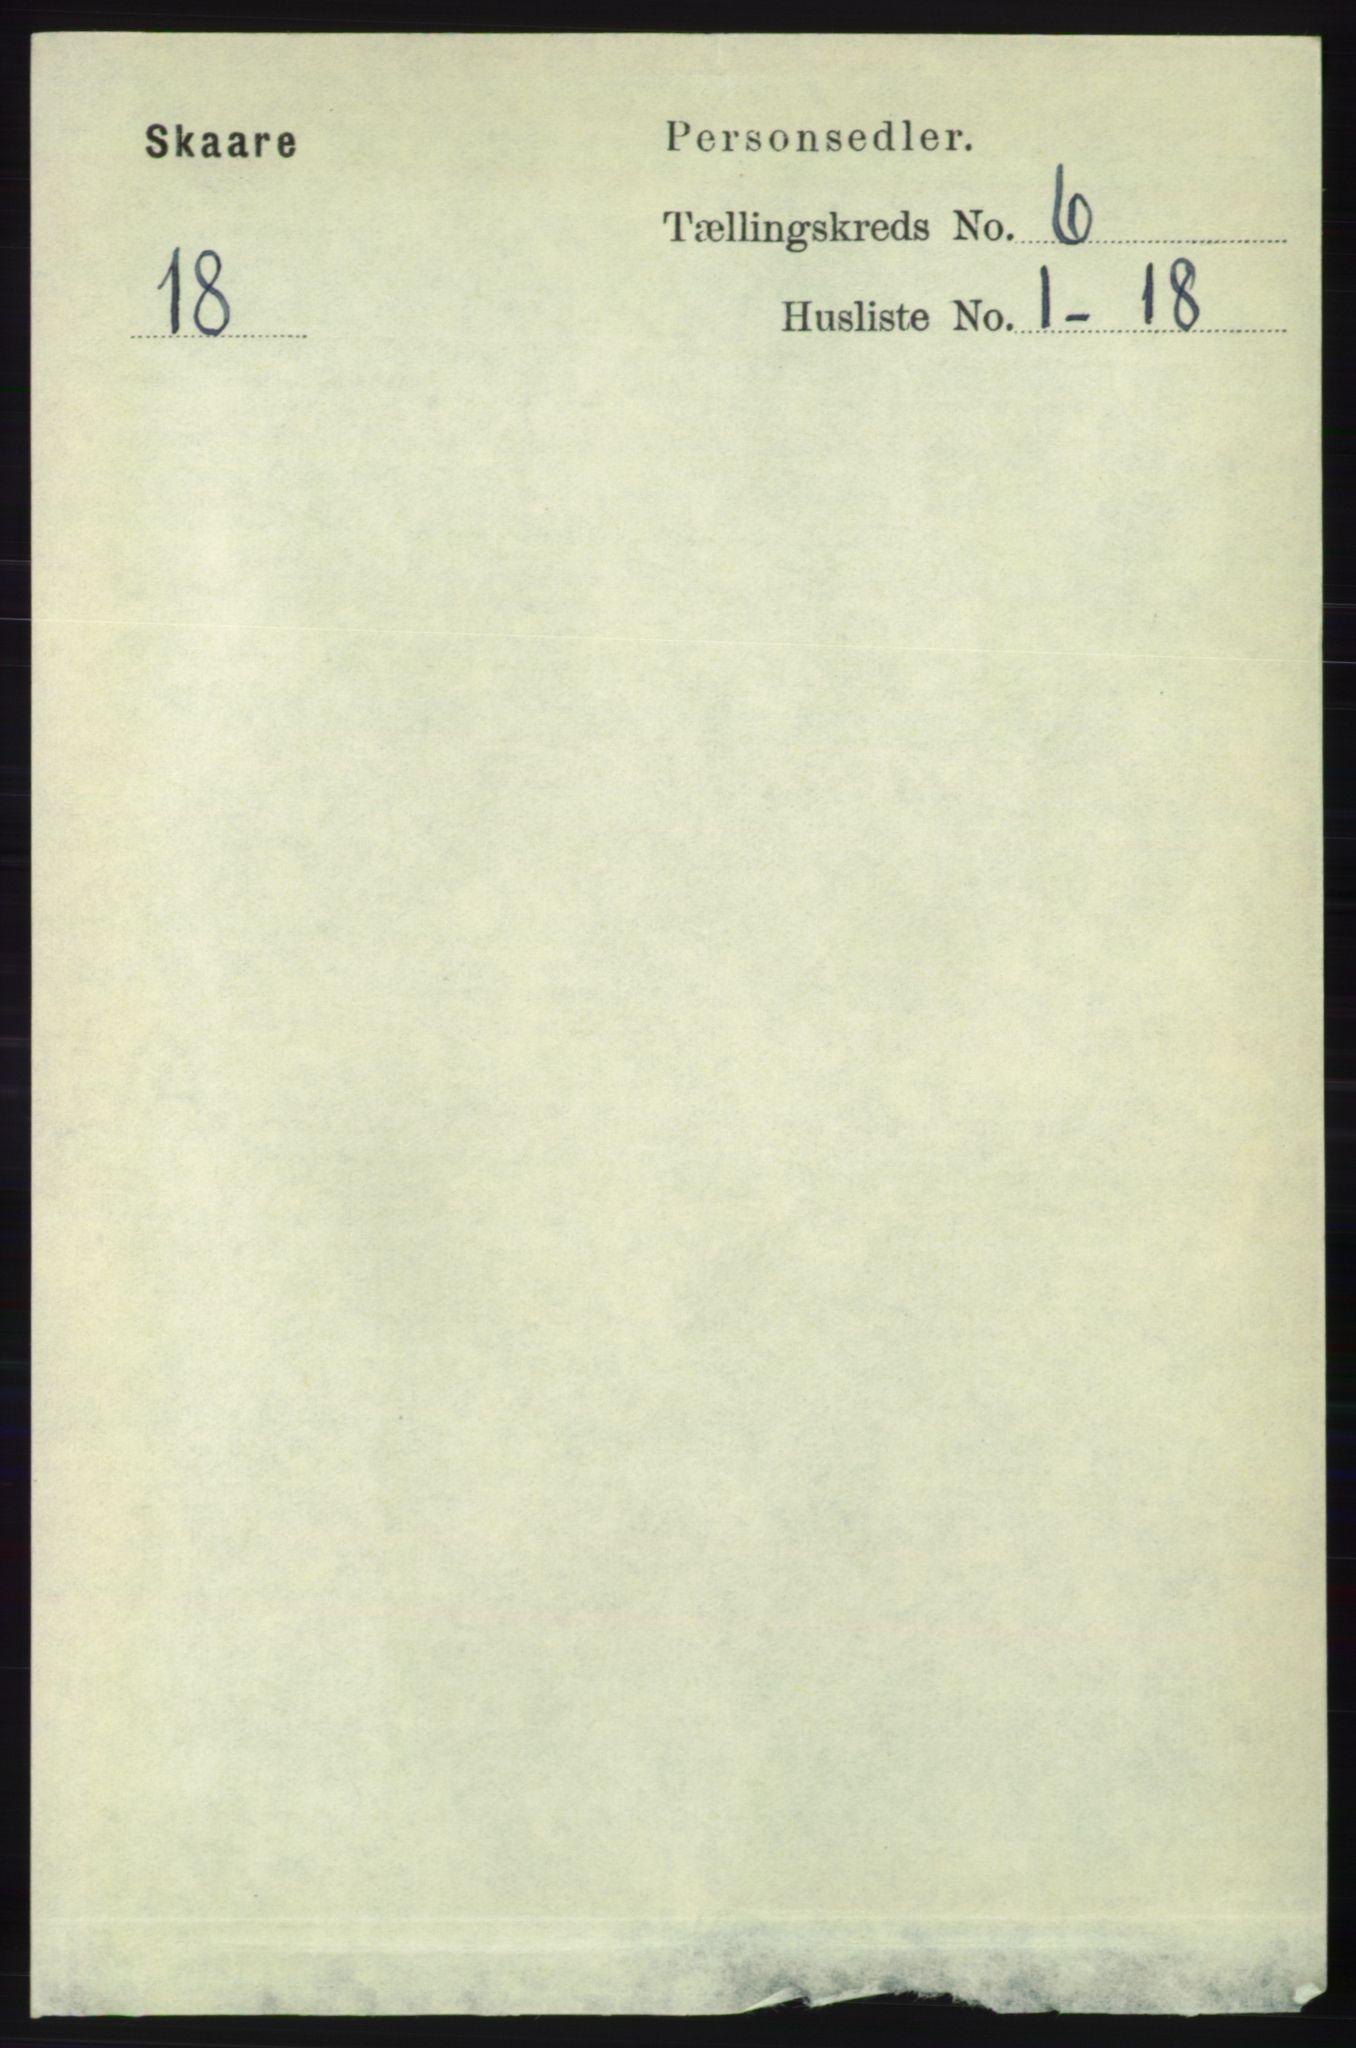 RA, Folketelling 1891 for 1153 Skåre herred, 1891, s. 2390